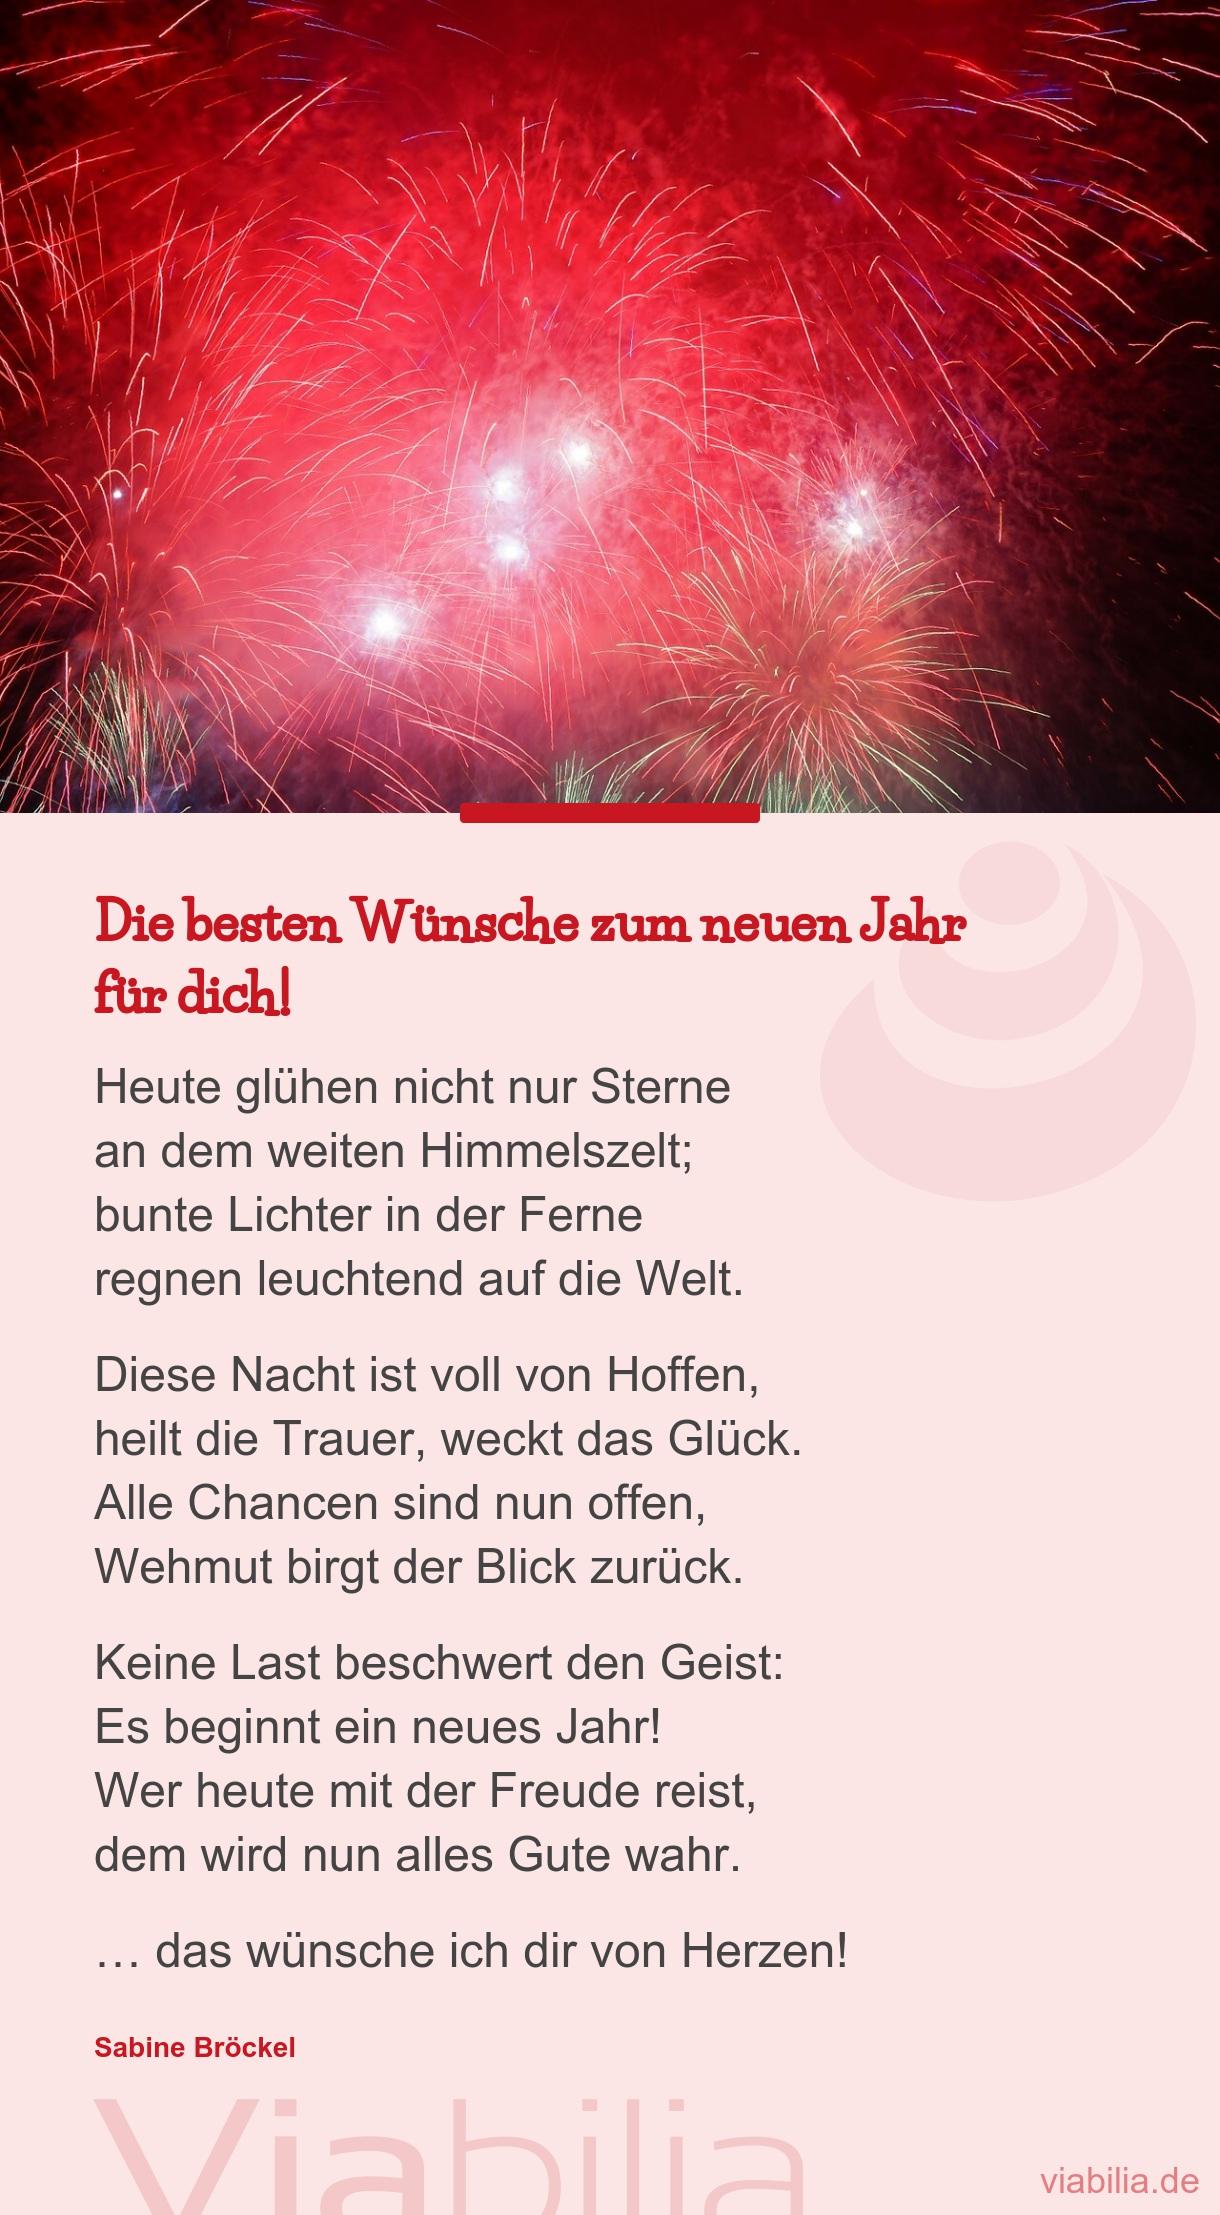 Die Besten Wünsche Zum Neuen Jahr - Neujahrswunsch ganzes Neujahrsgedicht Kinder